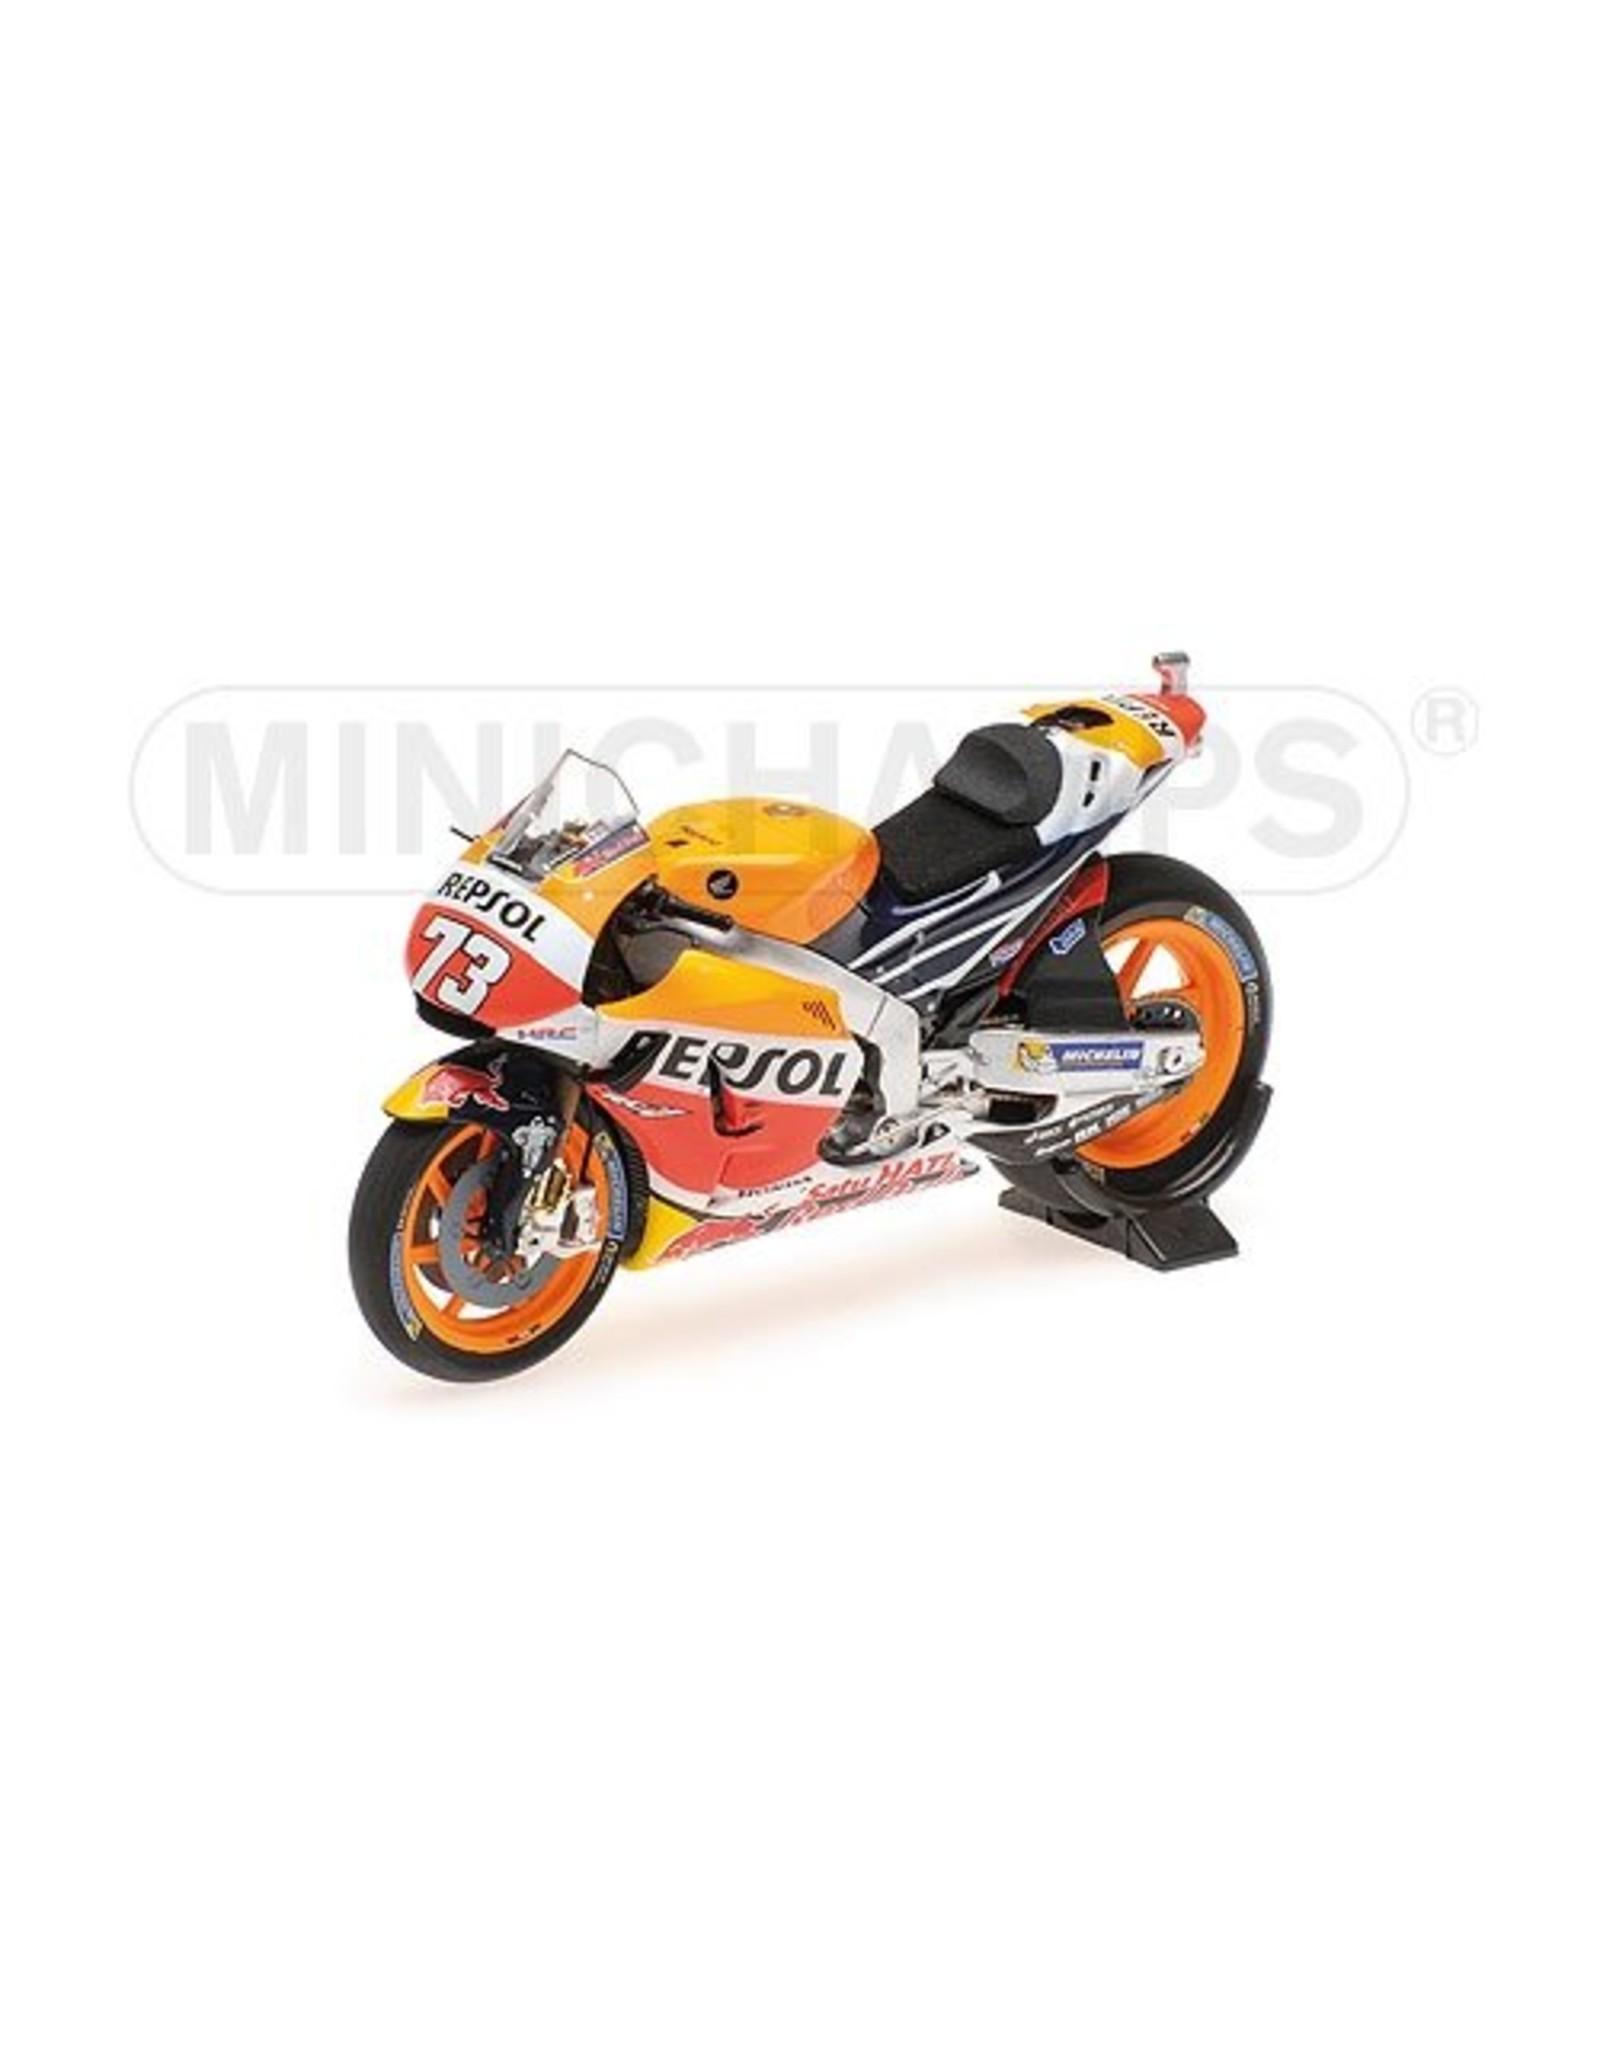 Honda Honda RC213V #73 MotoGP 2016 - 1:18 - Minichamps